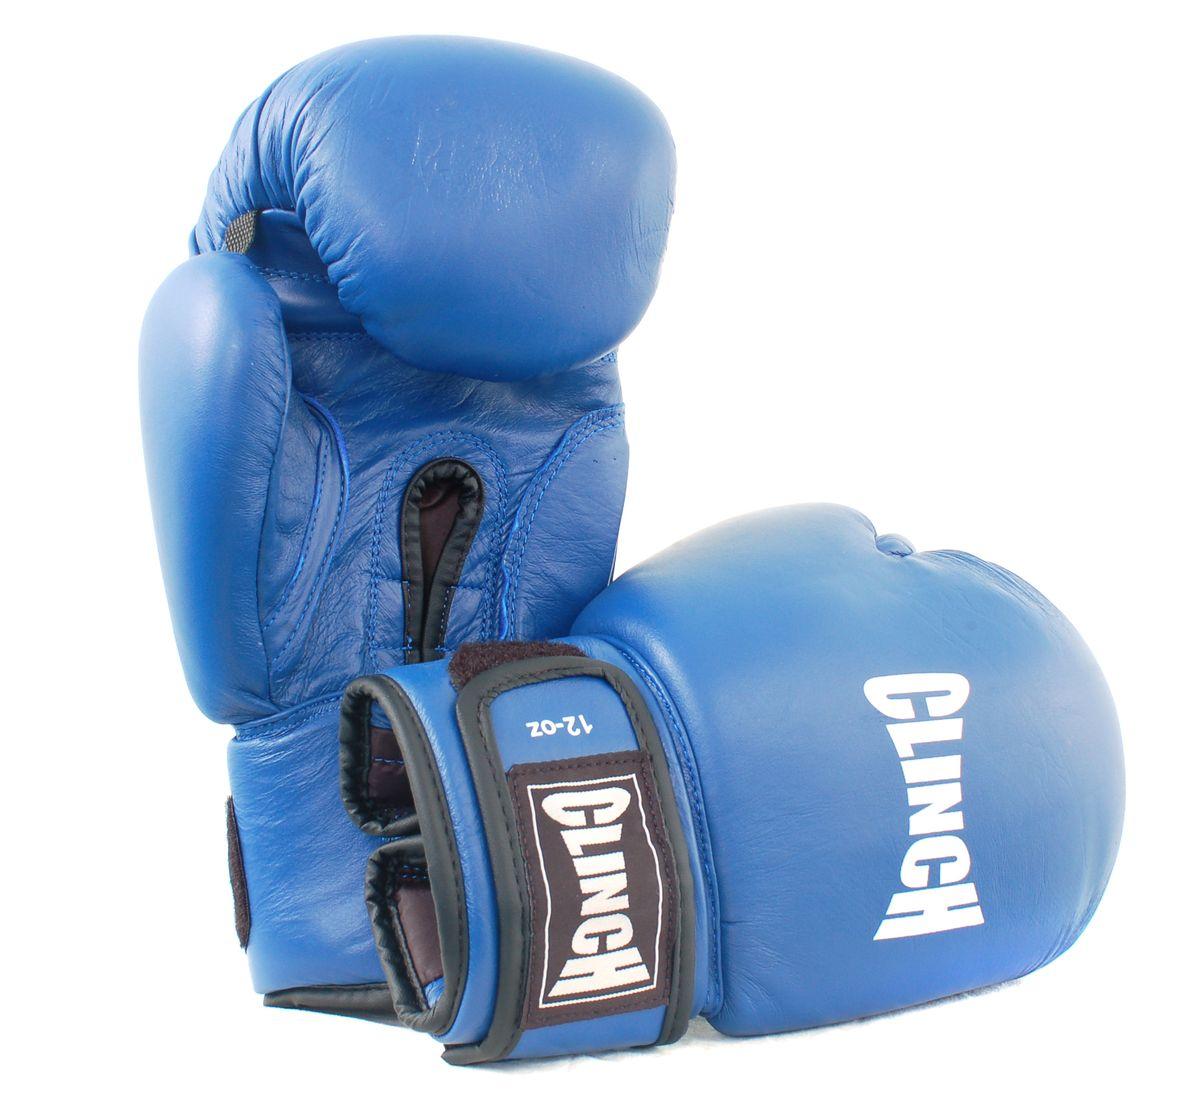 Перчатки боксерские Clinch, цвет: синий, 10 унций. C228AP02013Боксерские перчатки Clinch идеально подойдут для соревнований, боев и спаррингов. Перчатки выполнены из высококачественной натуральной кожи с инжекционным литым вкладышем, смягчающим силу удара и дополнительно защищающим руку. На тыльной стороне перчаток предусмотрены отверстия для вентиляции. Большой палец соединен с перчаткой небольшой плотной перемычкой. Перчатки прочно фиксируются на запястье широкой манжетой на липучке, что гарантирует быстроту и удобство одевания.